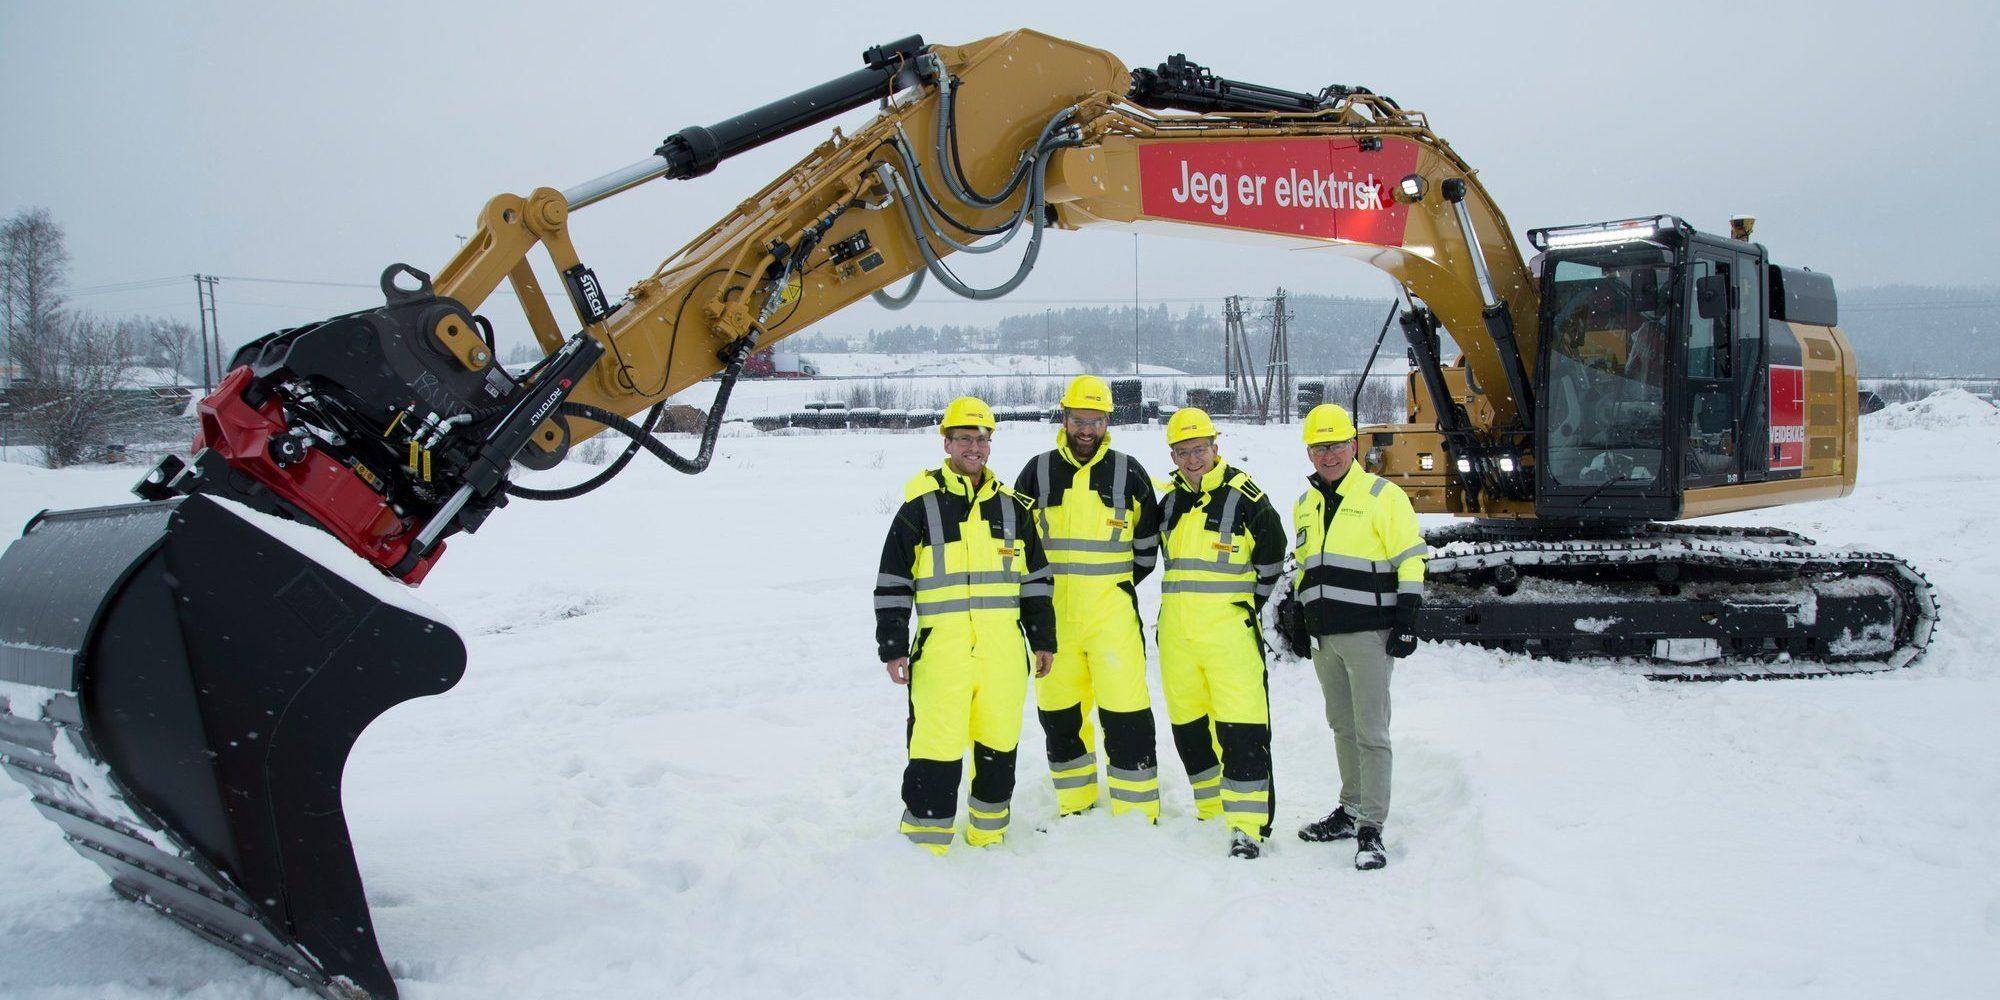 Caterpillar представили электрический 26-тонный экскаватор с гигантской аккумуляторной батареей на 300 кВт*ч - 1